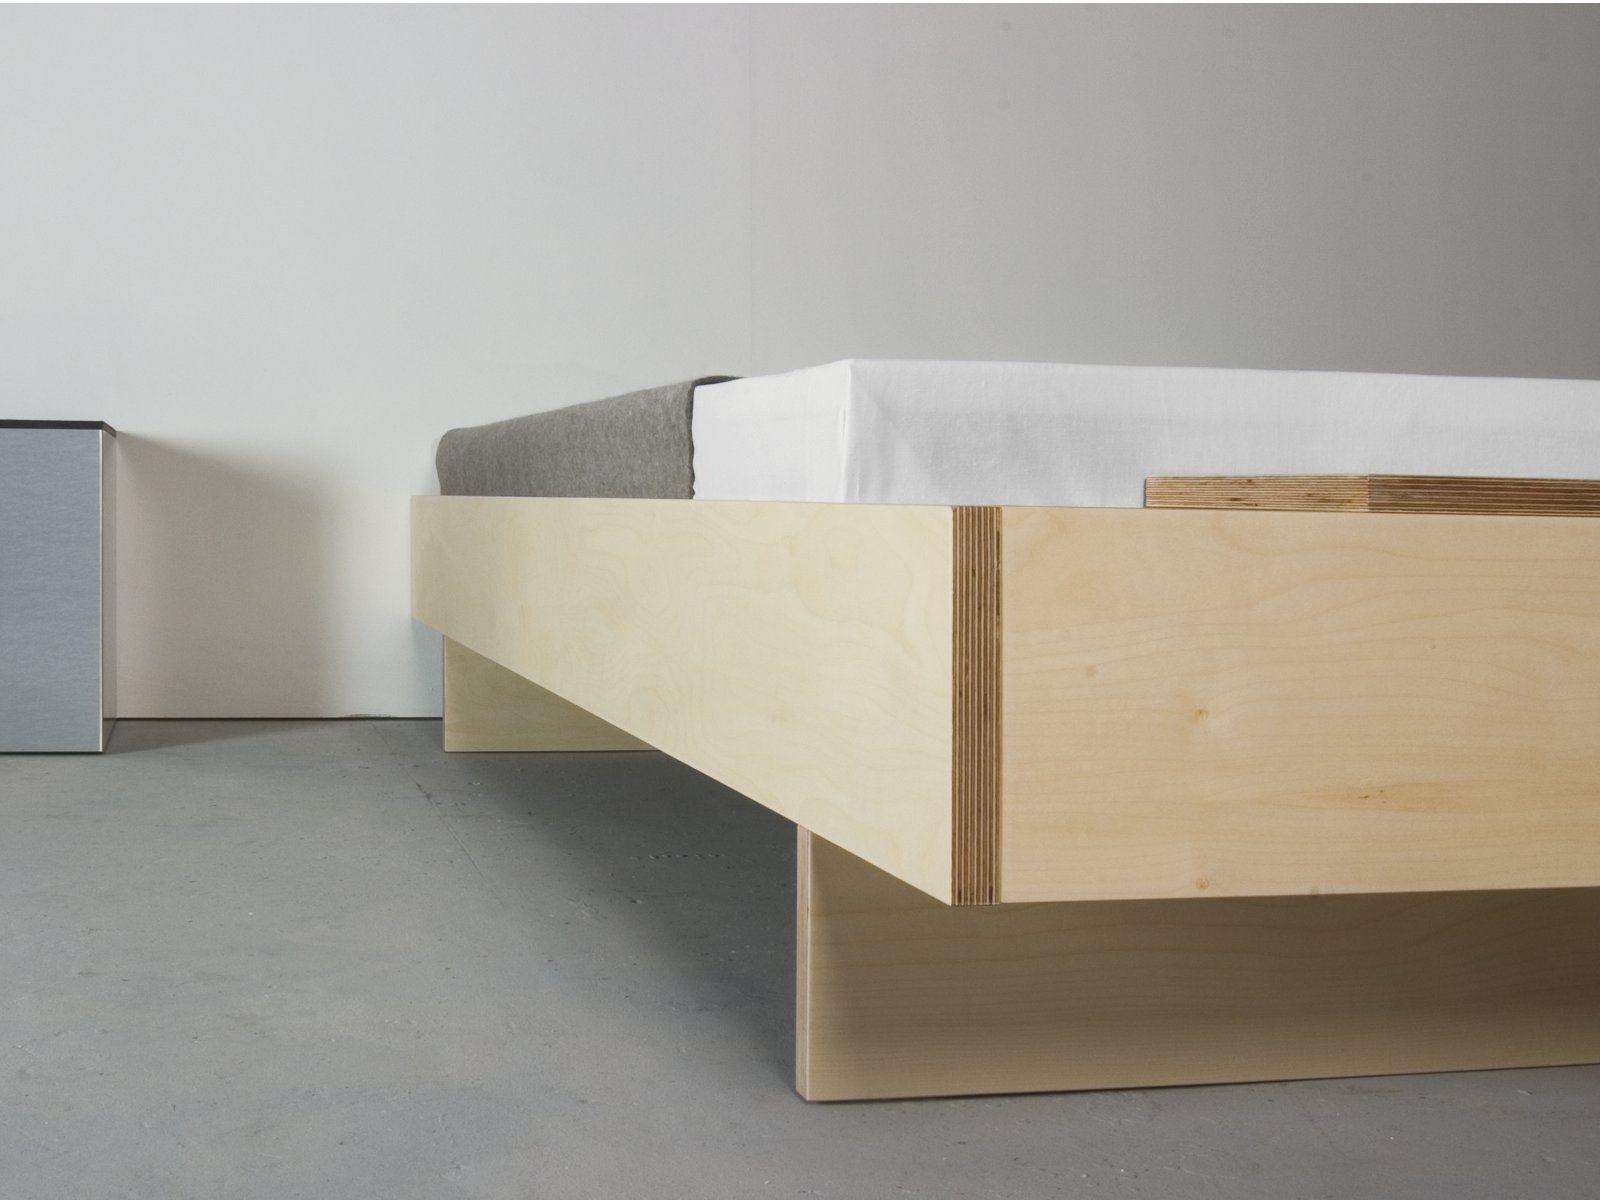 Letto con testiera contenitore bezwei by sanktjohanser design matthias hubert sanktjohanser - Testiera letto design ...